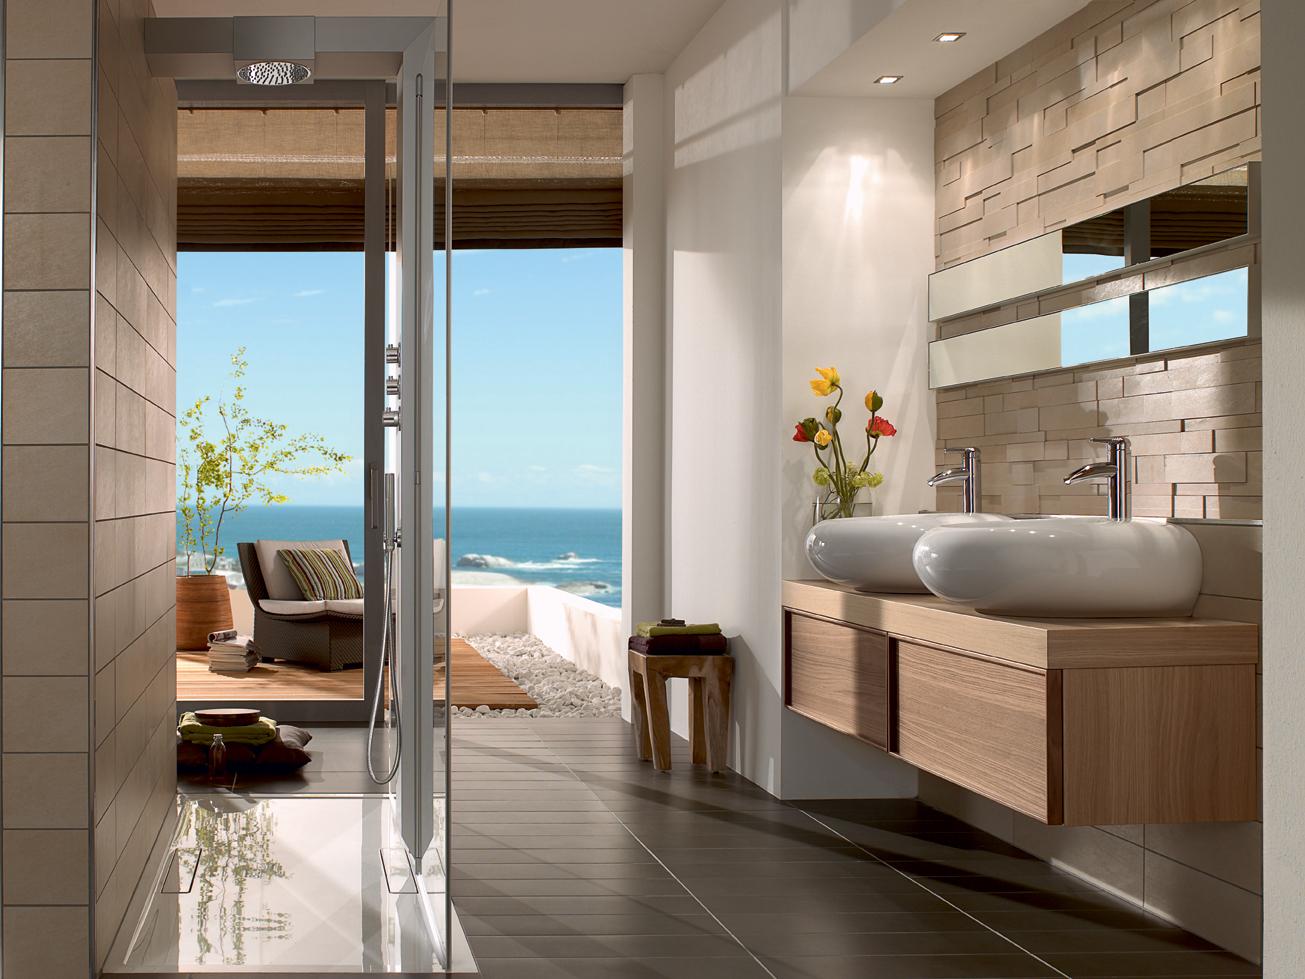 Million Dollar Bathrooms Pictures - Bathroom Design Ideas